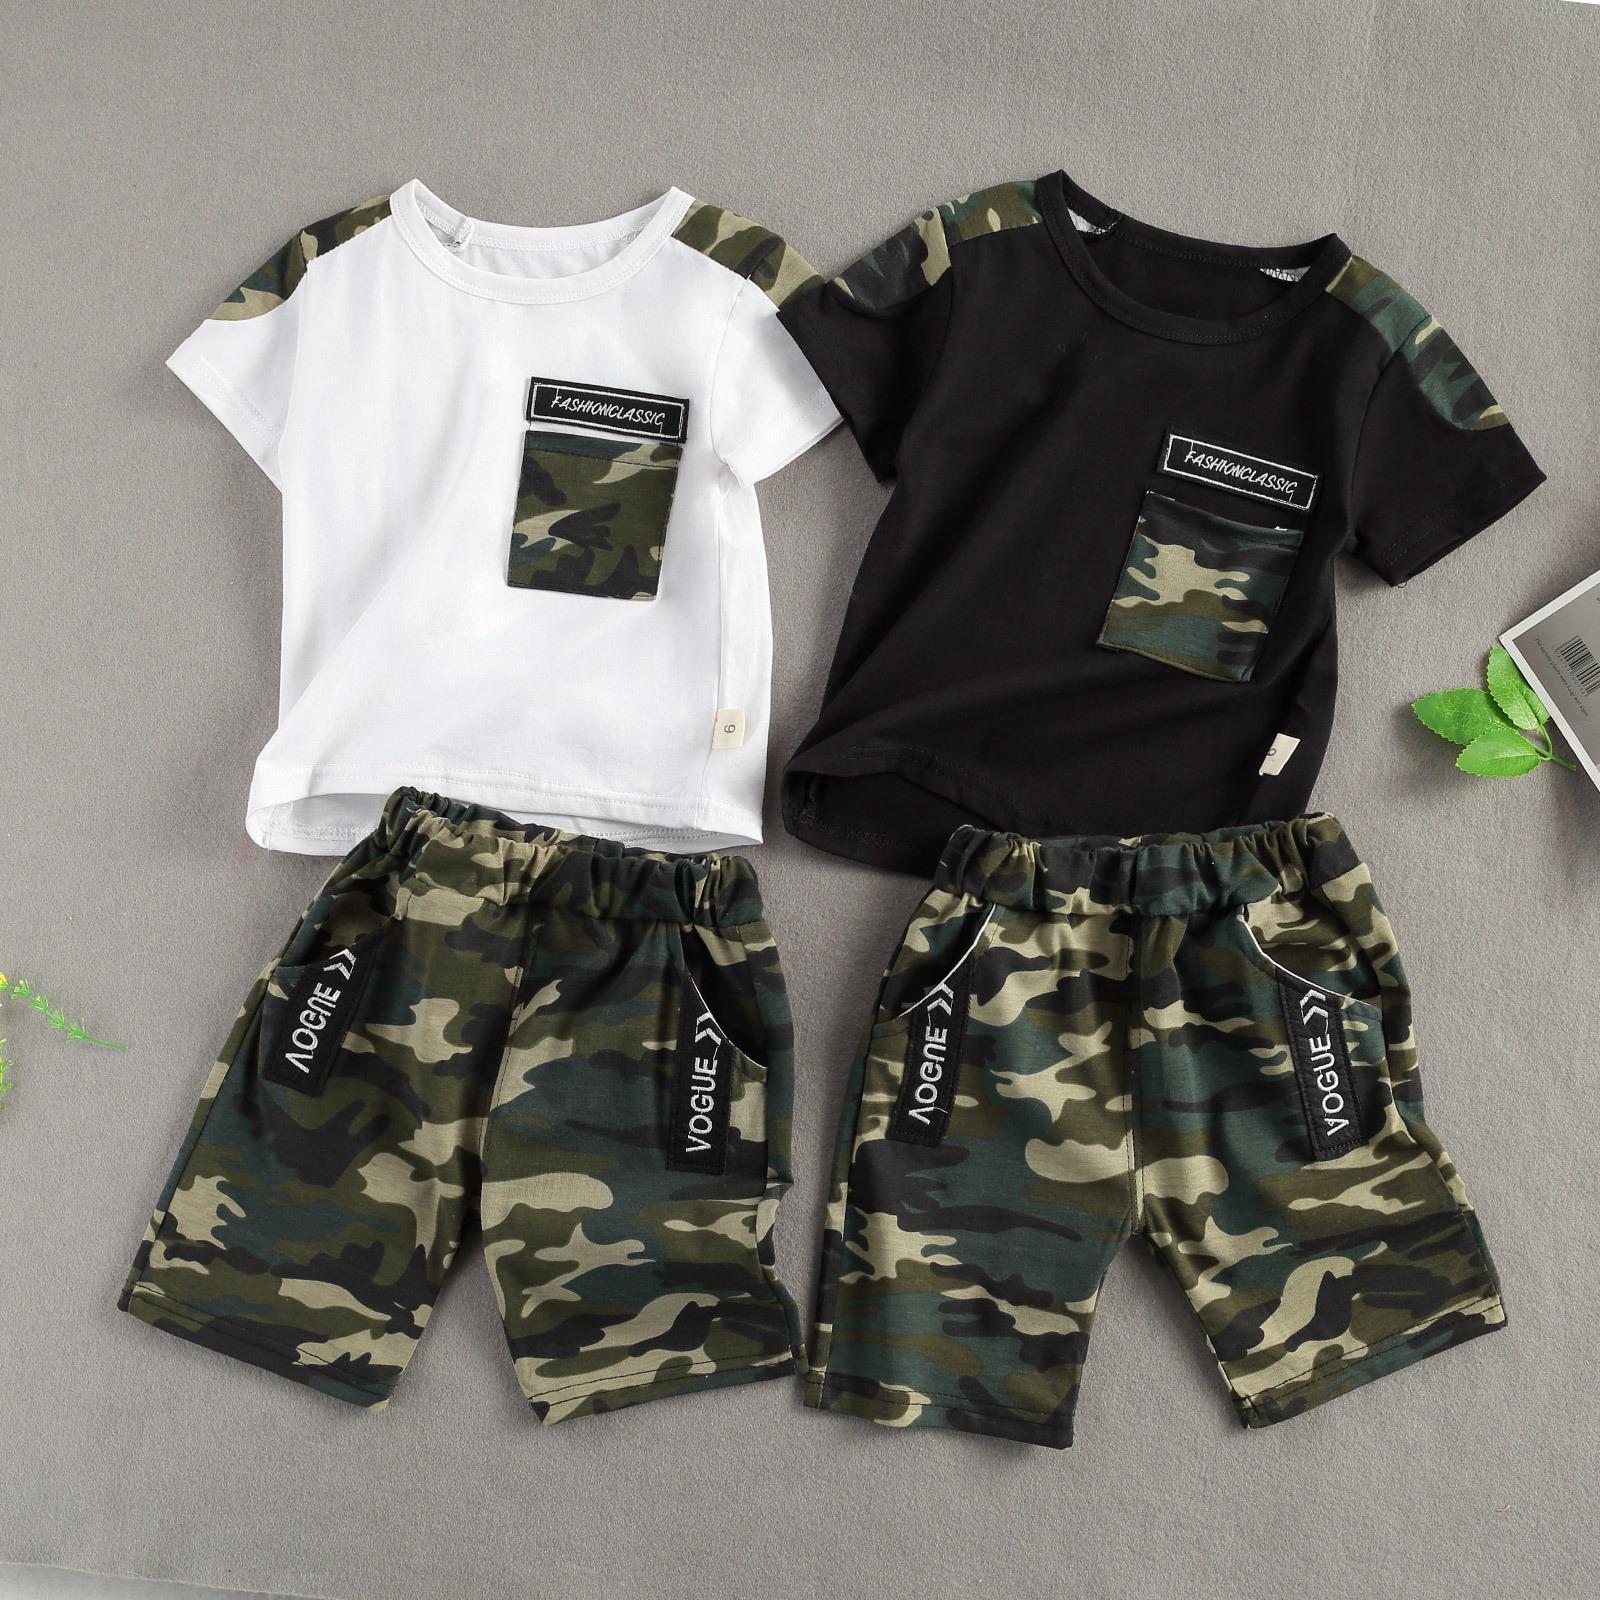 Conjunto de impresión de camuflaje infantil para niños, tapa de la tripulación de manga corta con bolsillo y pantalones cortos 2 pcs traje verano C0223